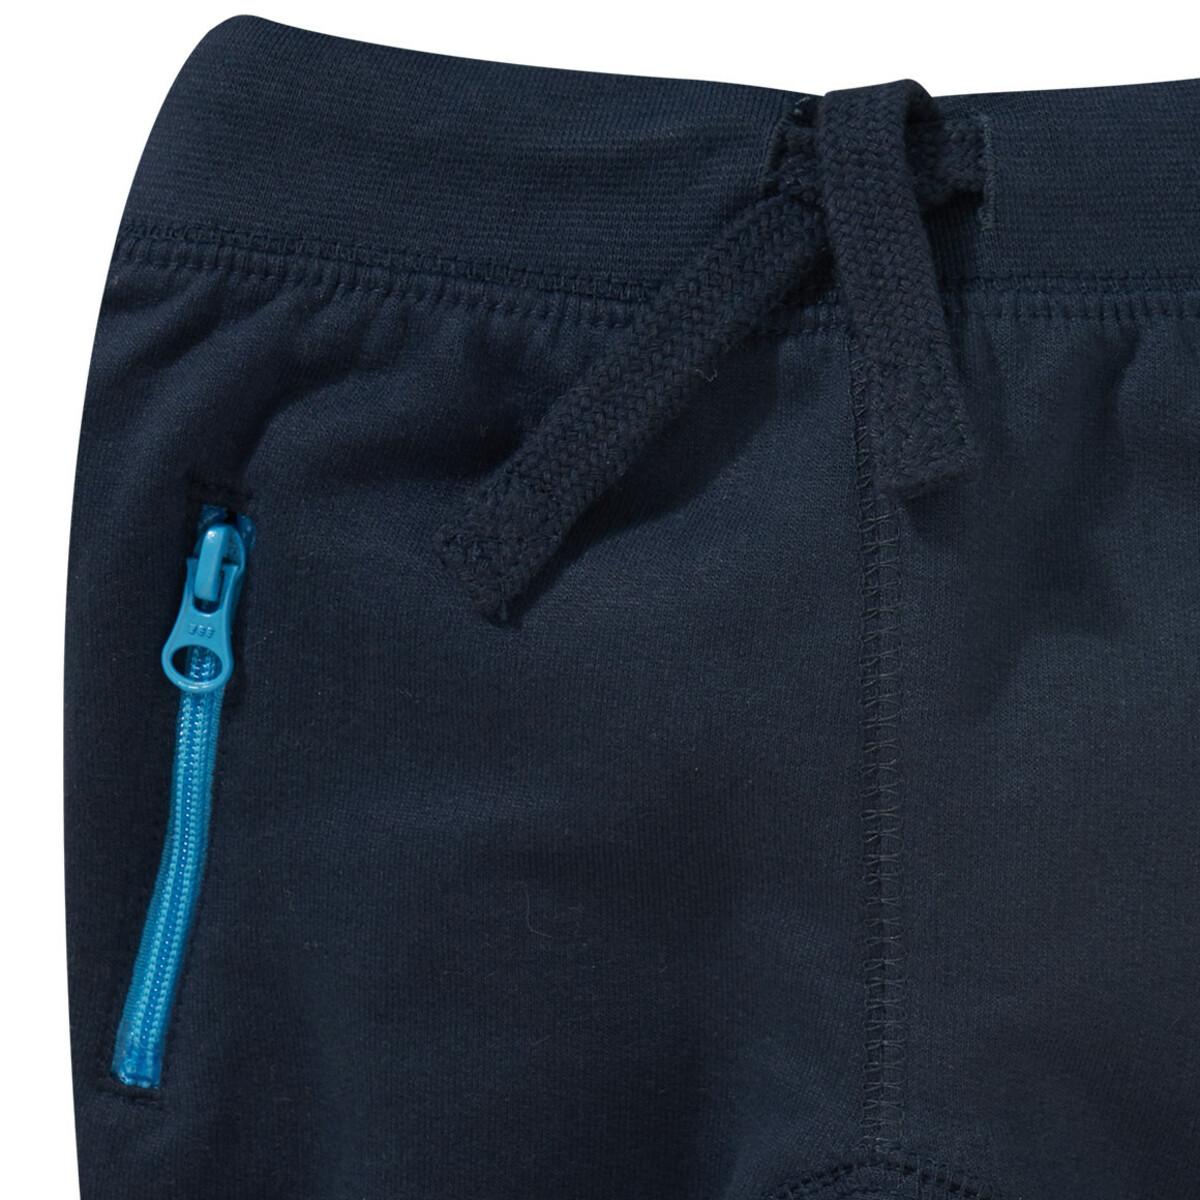 Bild 5 von Newborn Sweatshirt und Jogginghose im Set